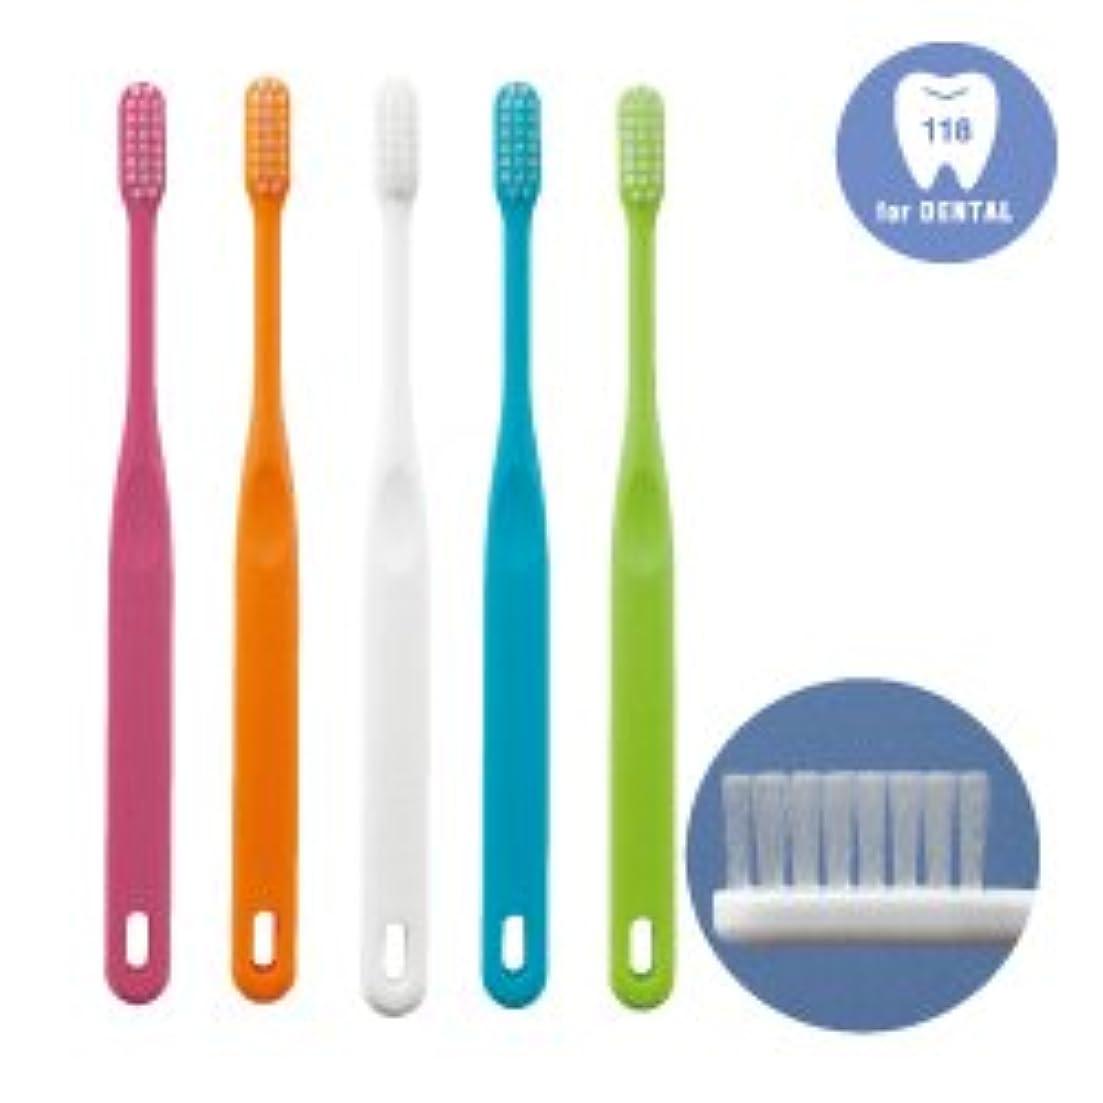 取り組む文化仲間歯科専用歯ブラシ「118シリーズ」Advance(アドバンス)M(ふつう)25本